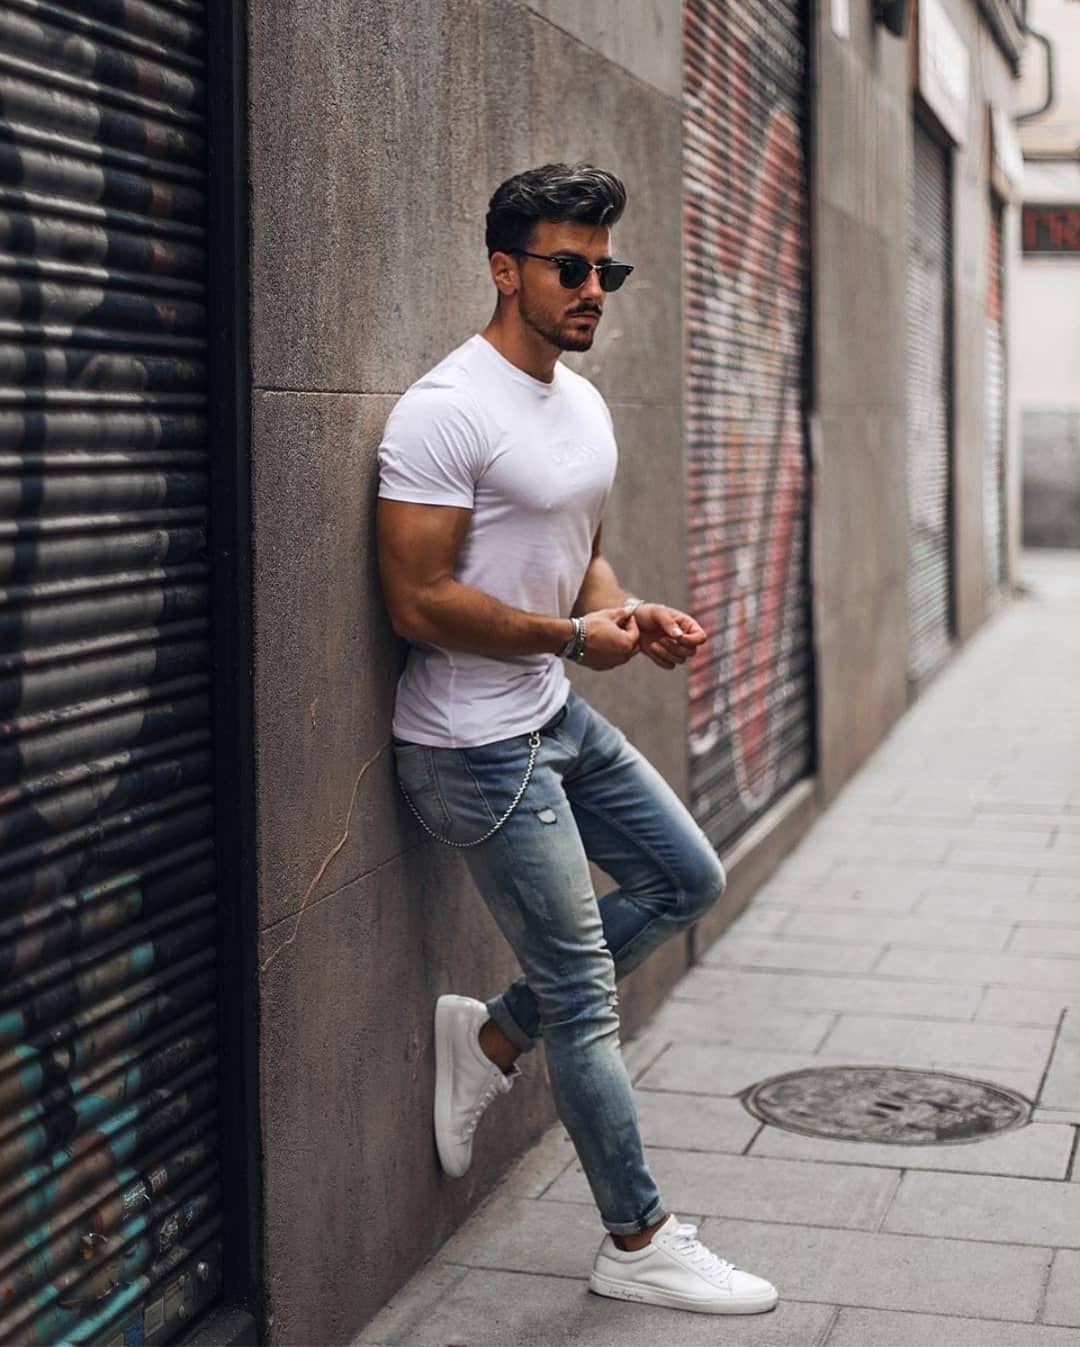 9c8713be850 Look masculino básico para o fim de semana com calça jeans e camiseta branca.  Vejam mais dicas para usar o tênis branco no blog Marco da Moda - Por   ...